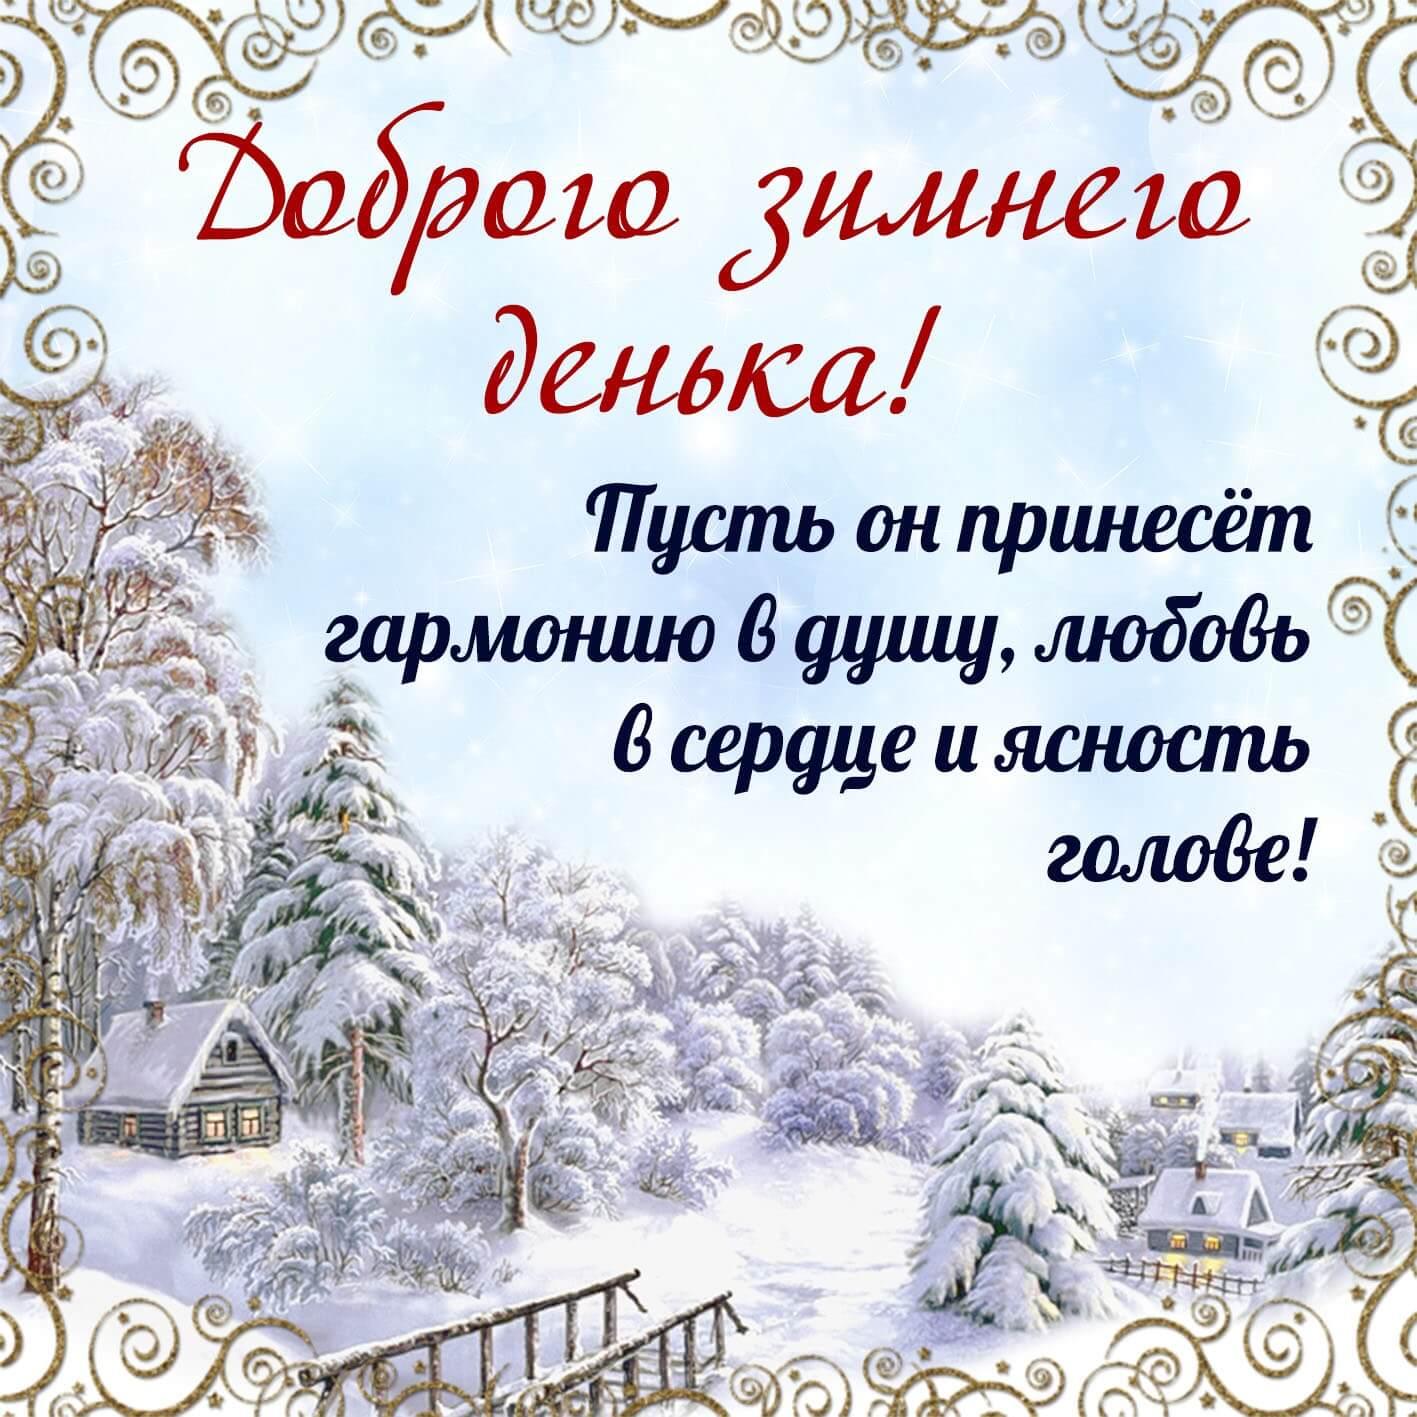 Топовые открытки с добрым зимним настроением 13